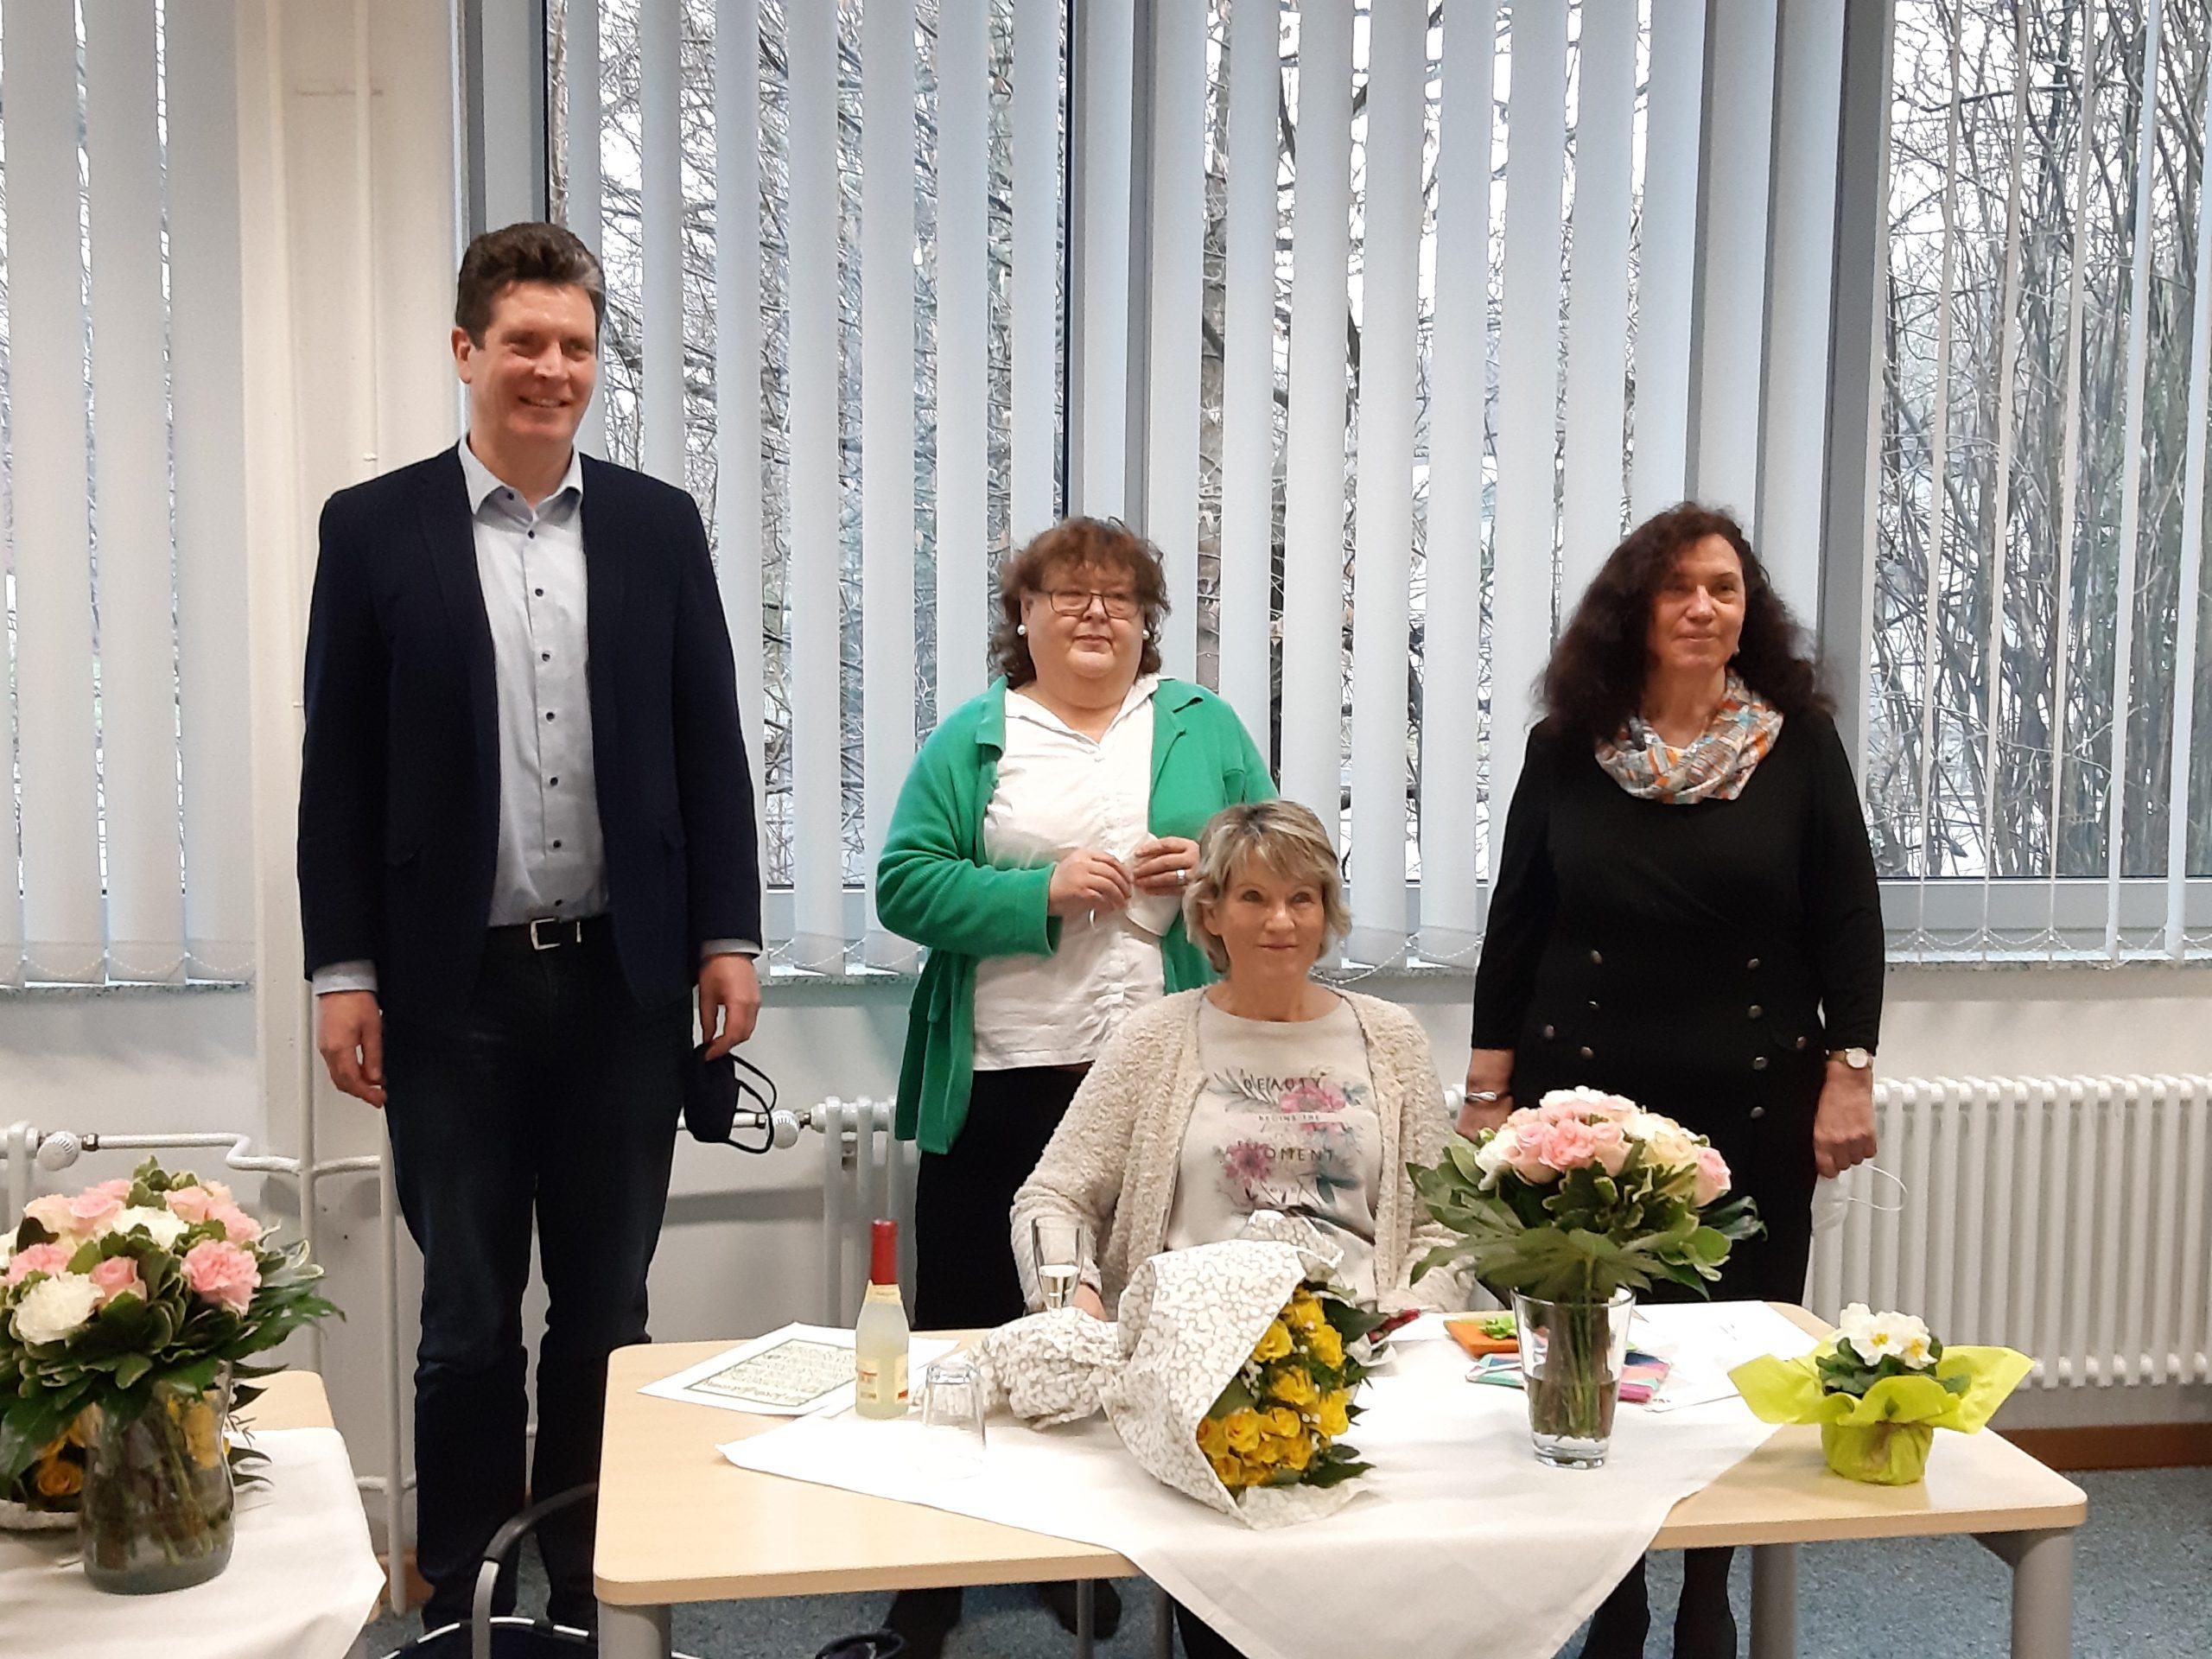 Verabschiedung unserer Kolleginnen in den Ruhestand